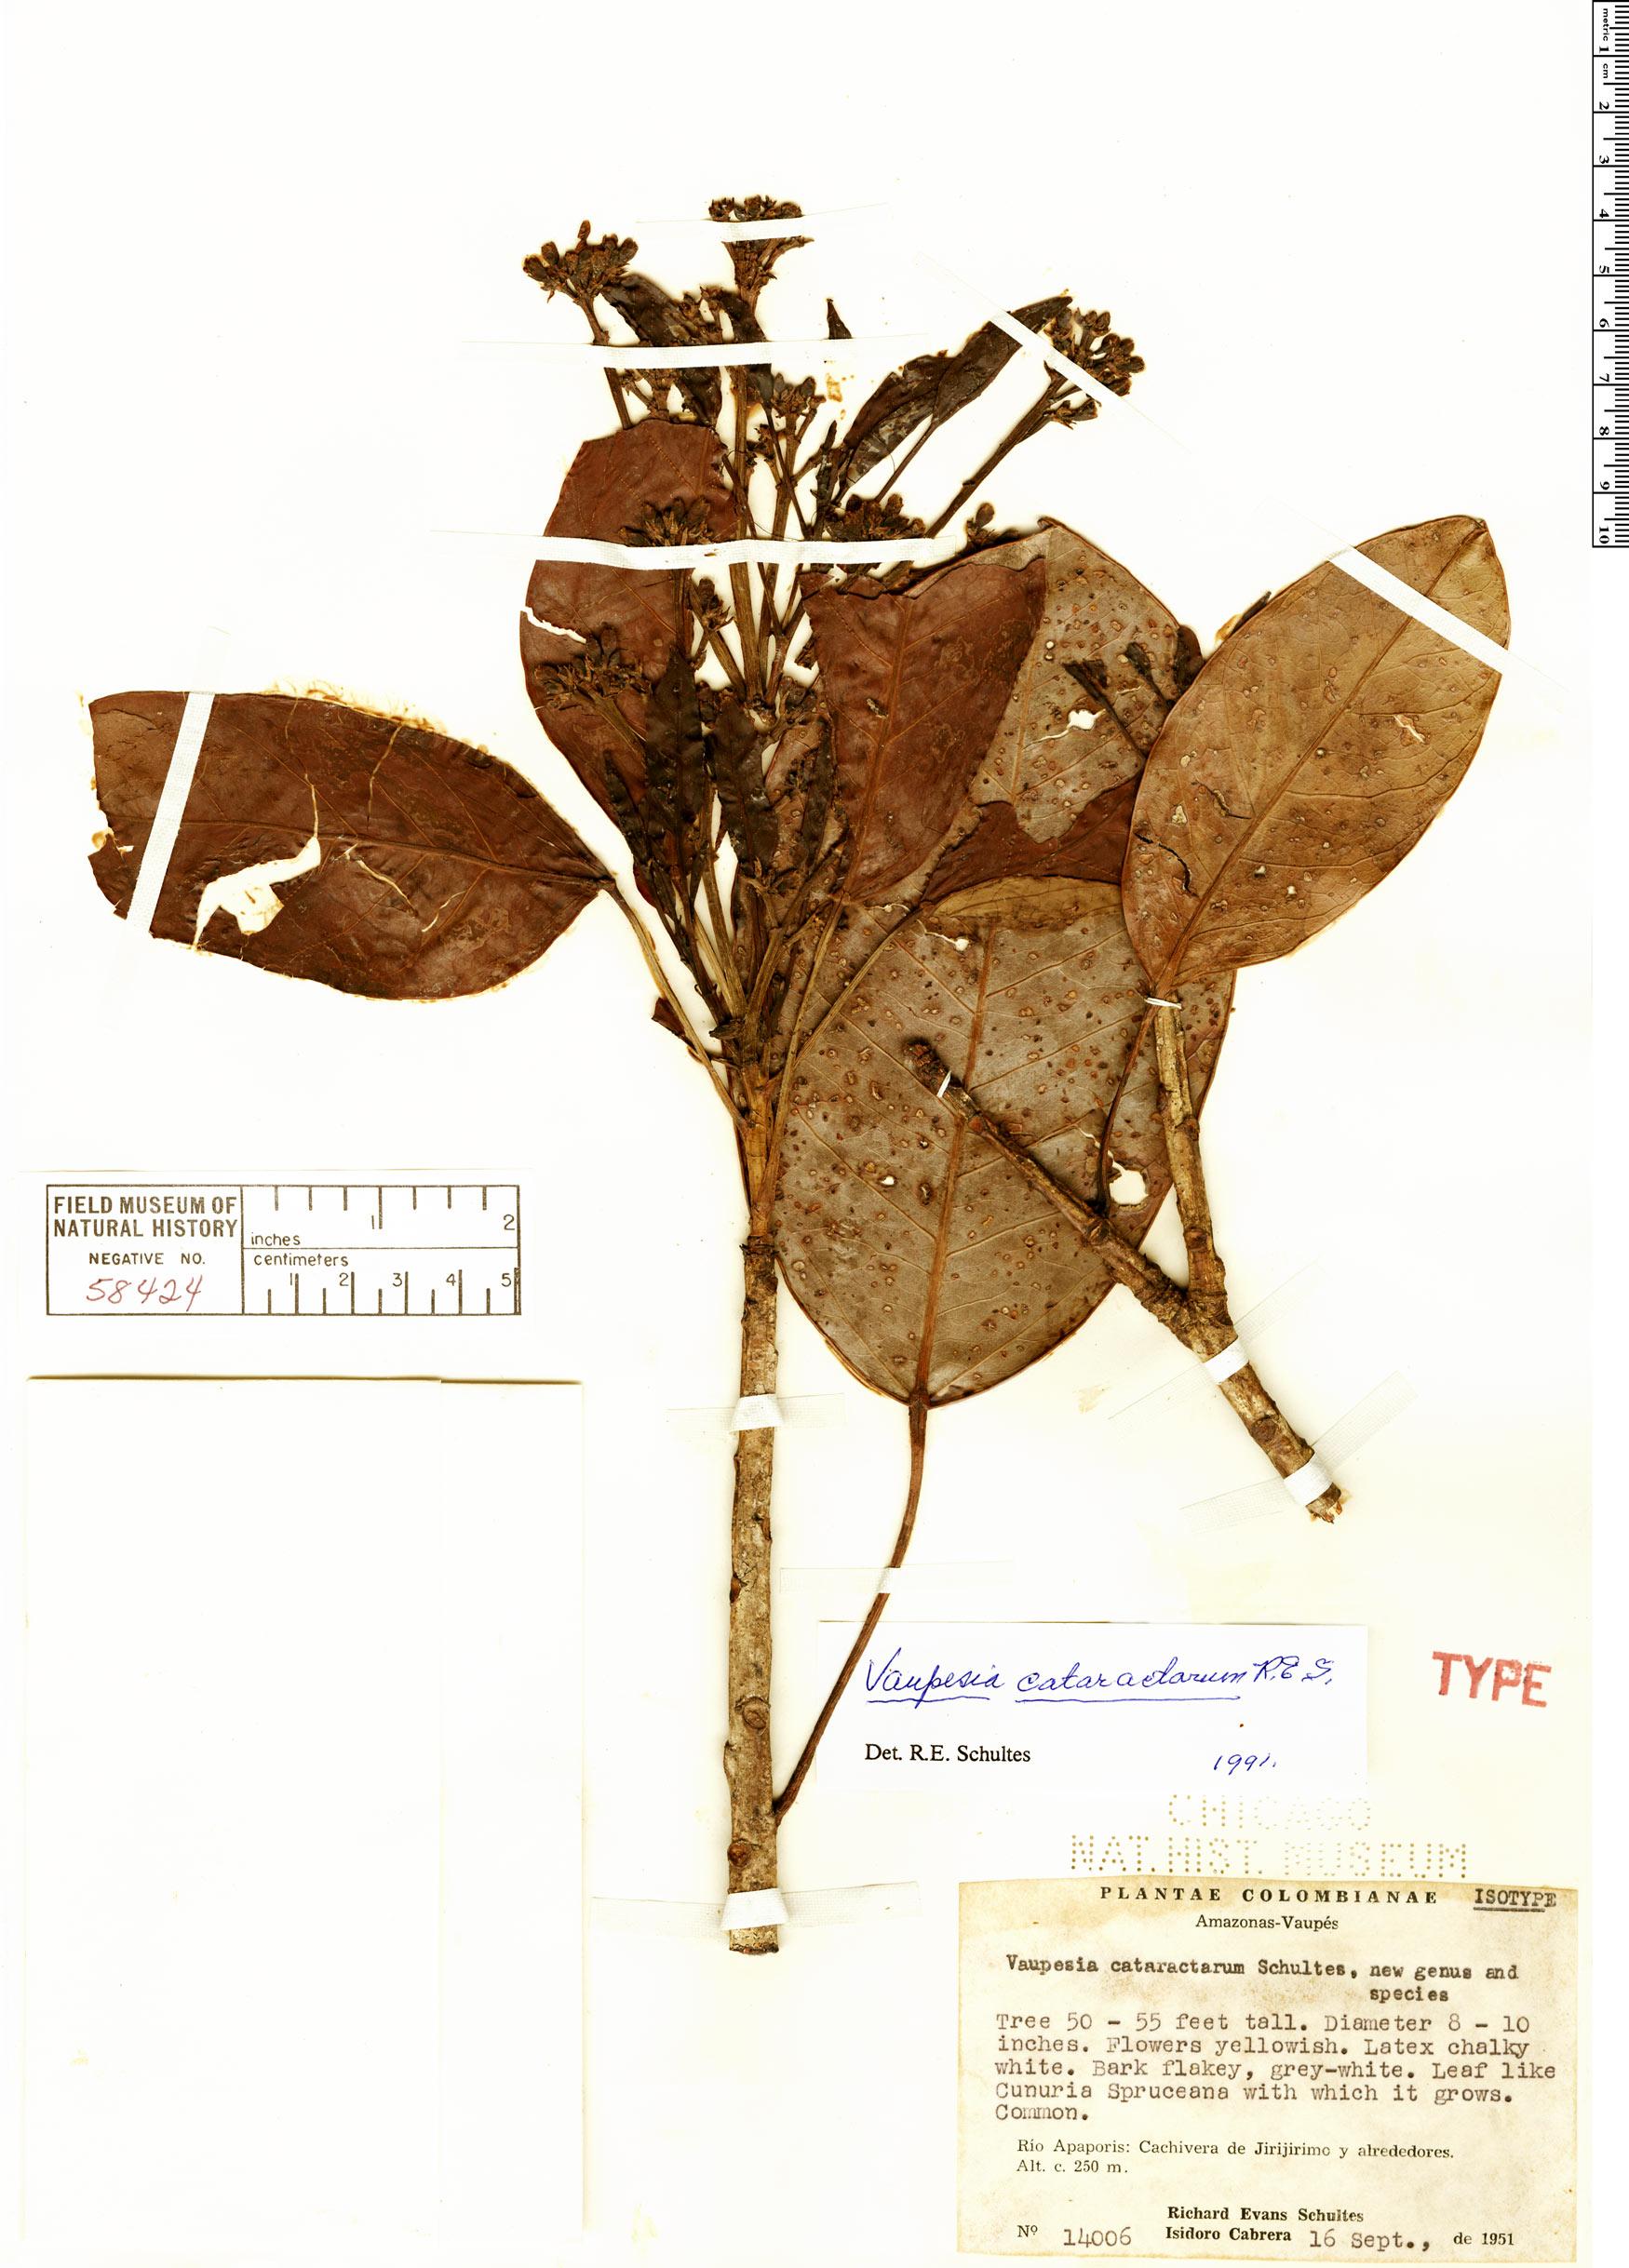 Specimen: Vaupesia cataractarum